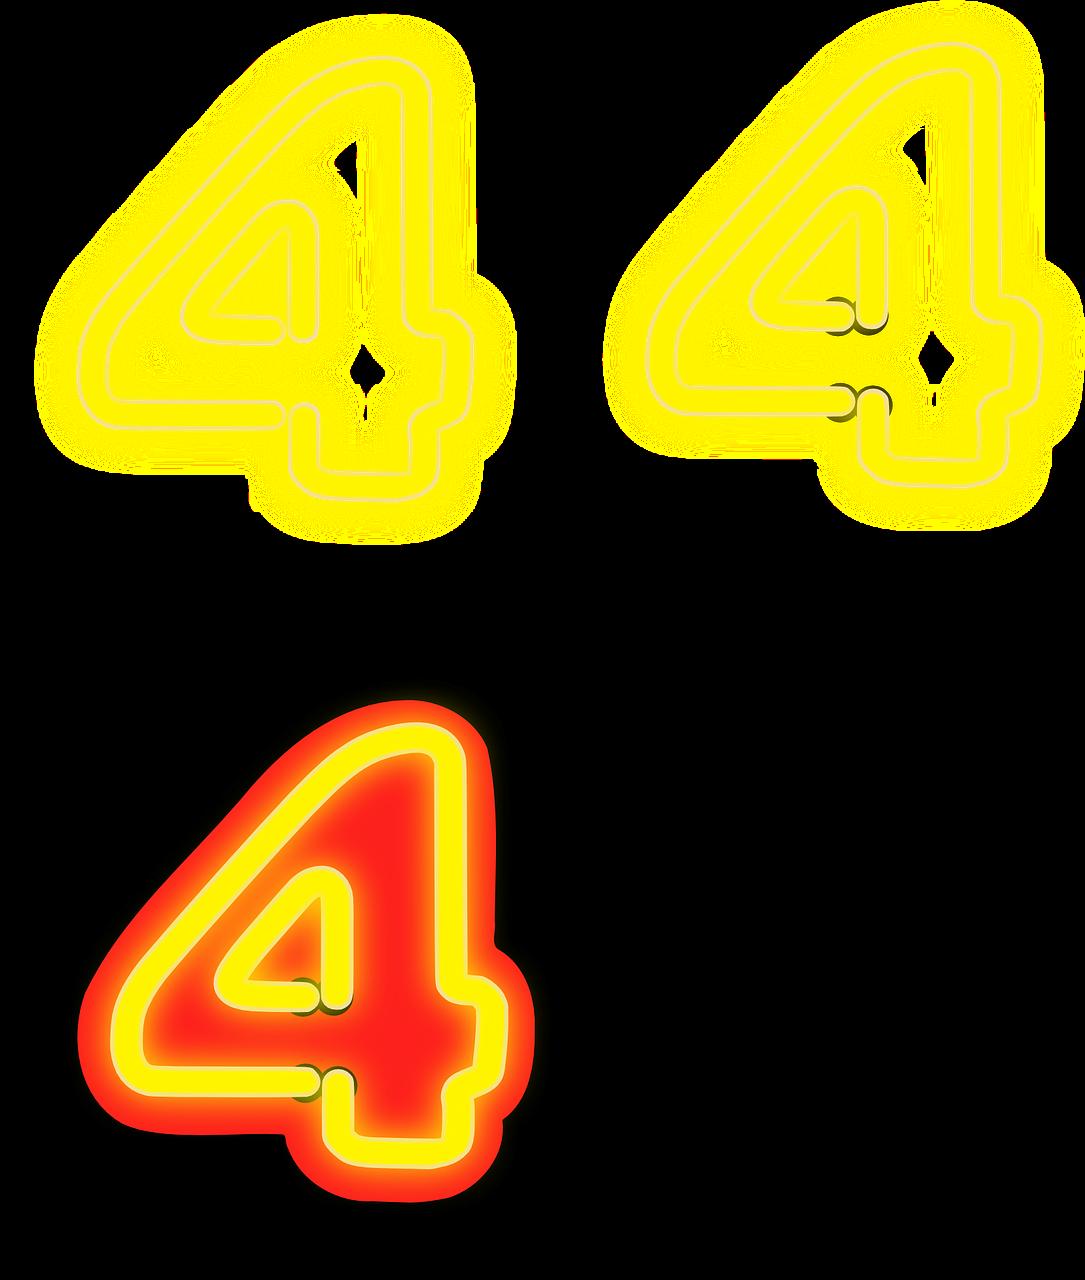 Добрым утром, картинки цифра 4 желтая